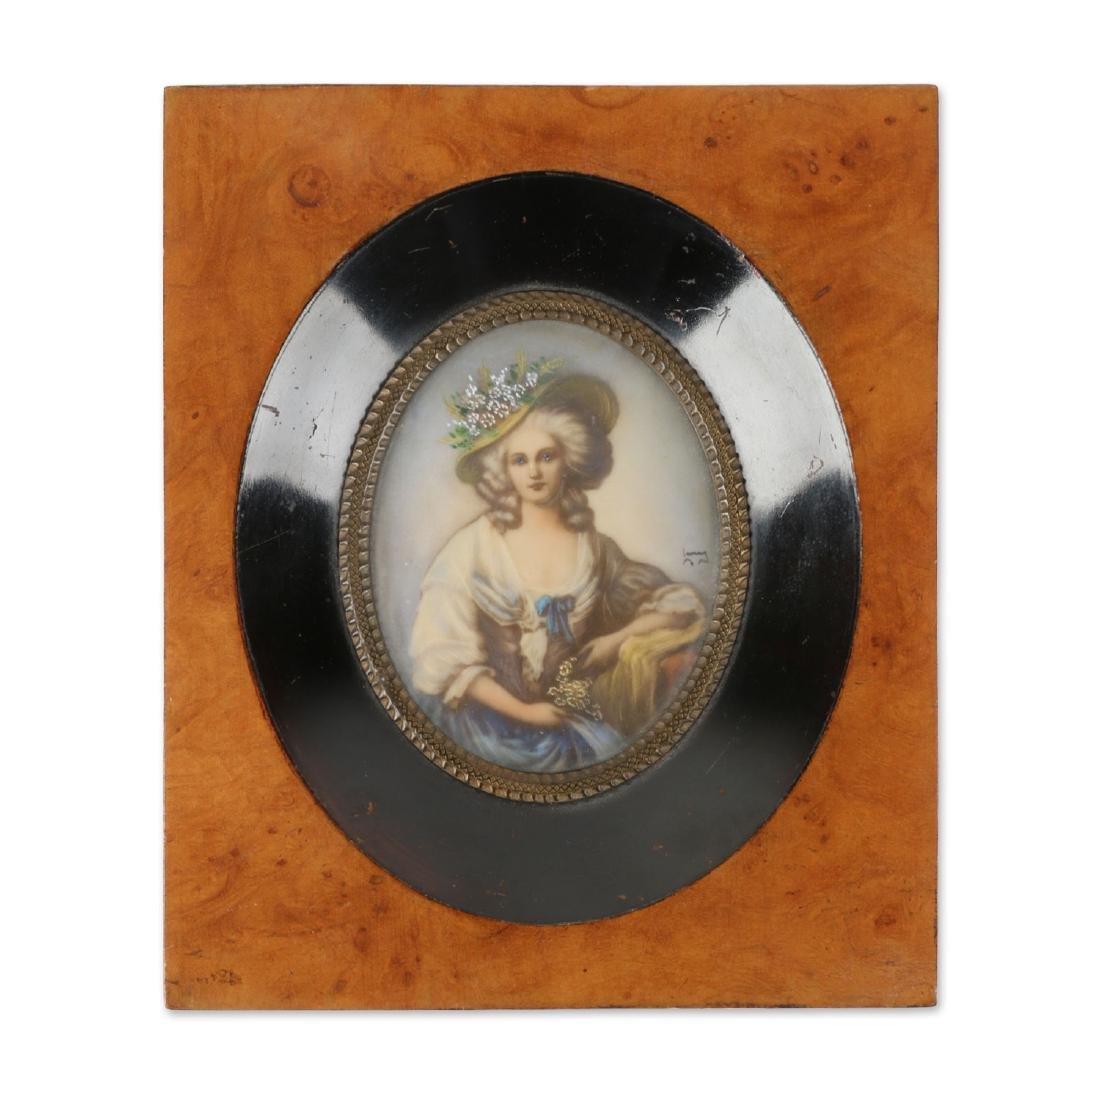 Signed Portrait Miniature